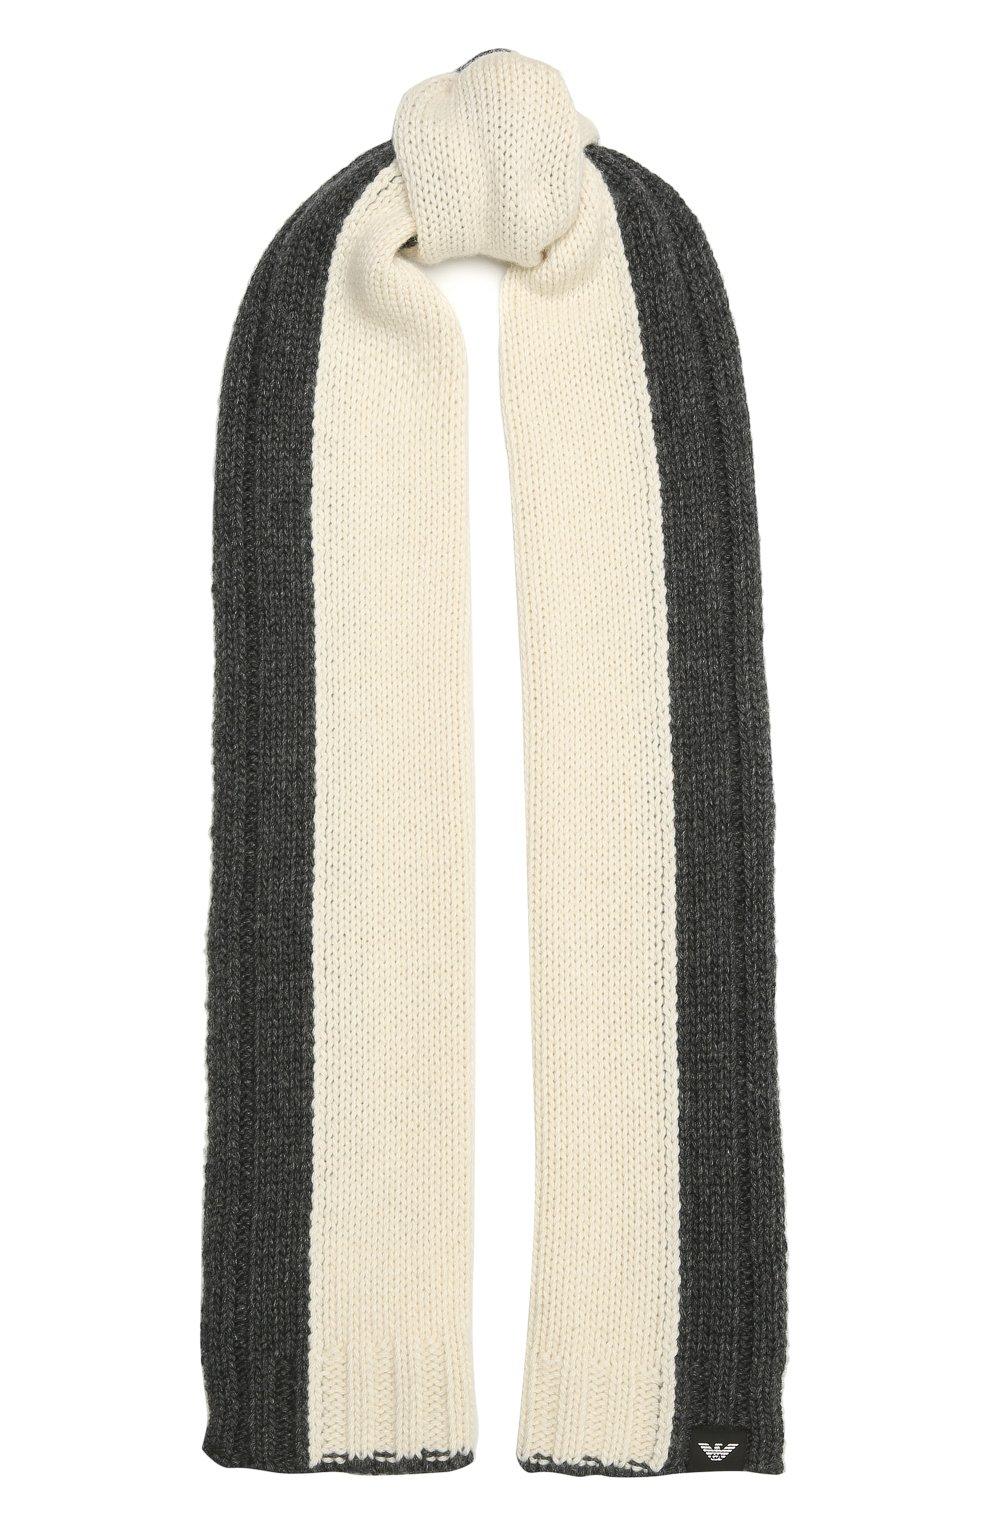 Детский комплект из шапки и шарфа EMPORIO ARMANI серого цвета, арт. 407515/1A767 | Фото 5 (Материал: Текстиль, Шерсть, Вискоза)